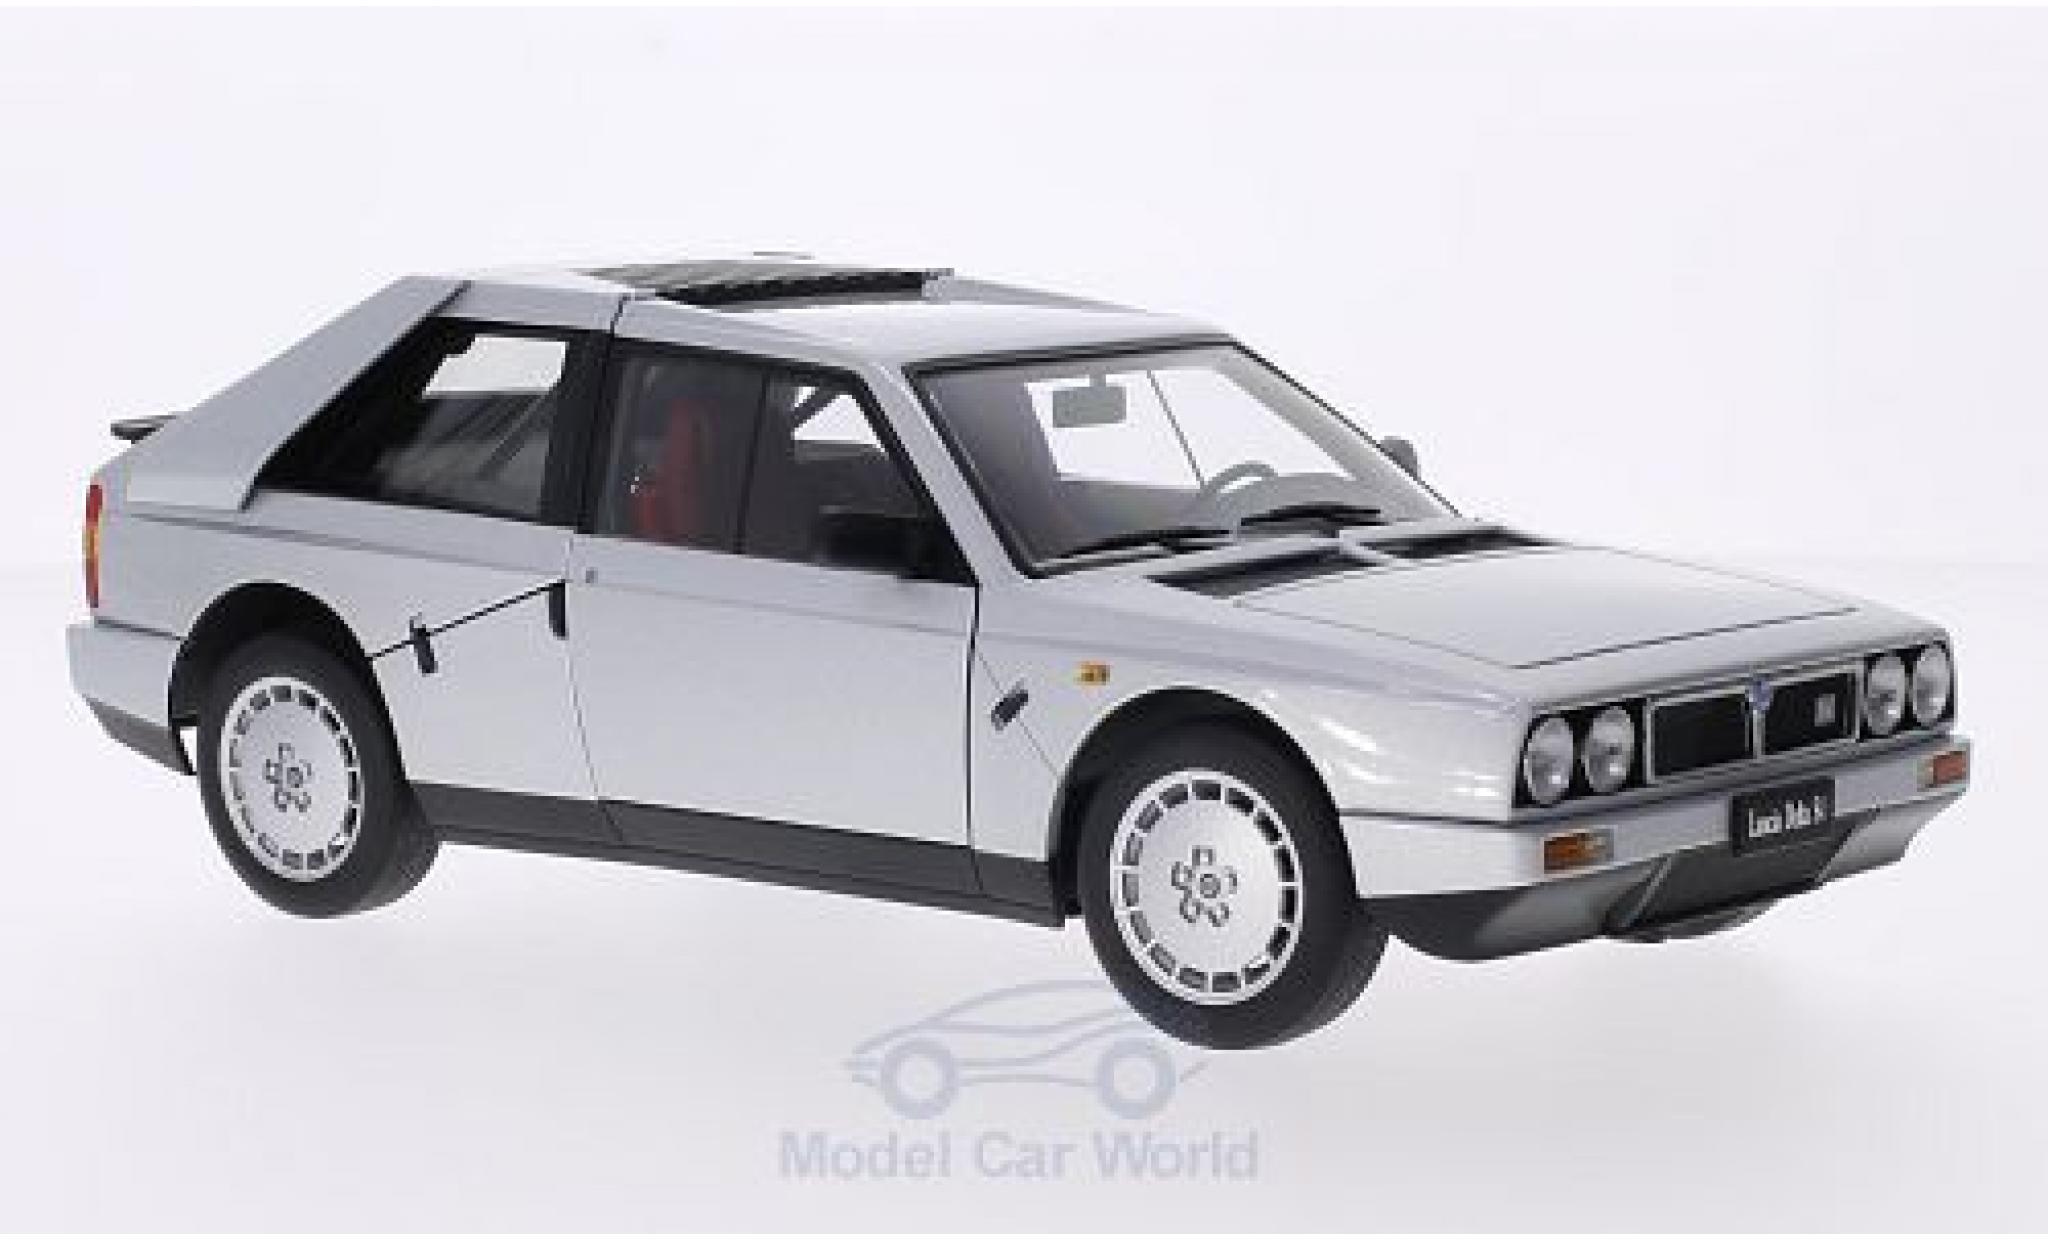 Lancia Delta S4 1/18 AUTOart metallise grise 1985